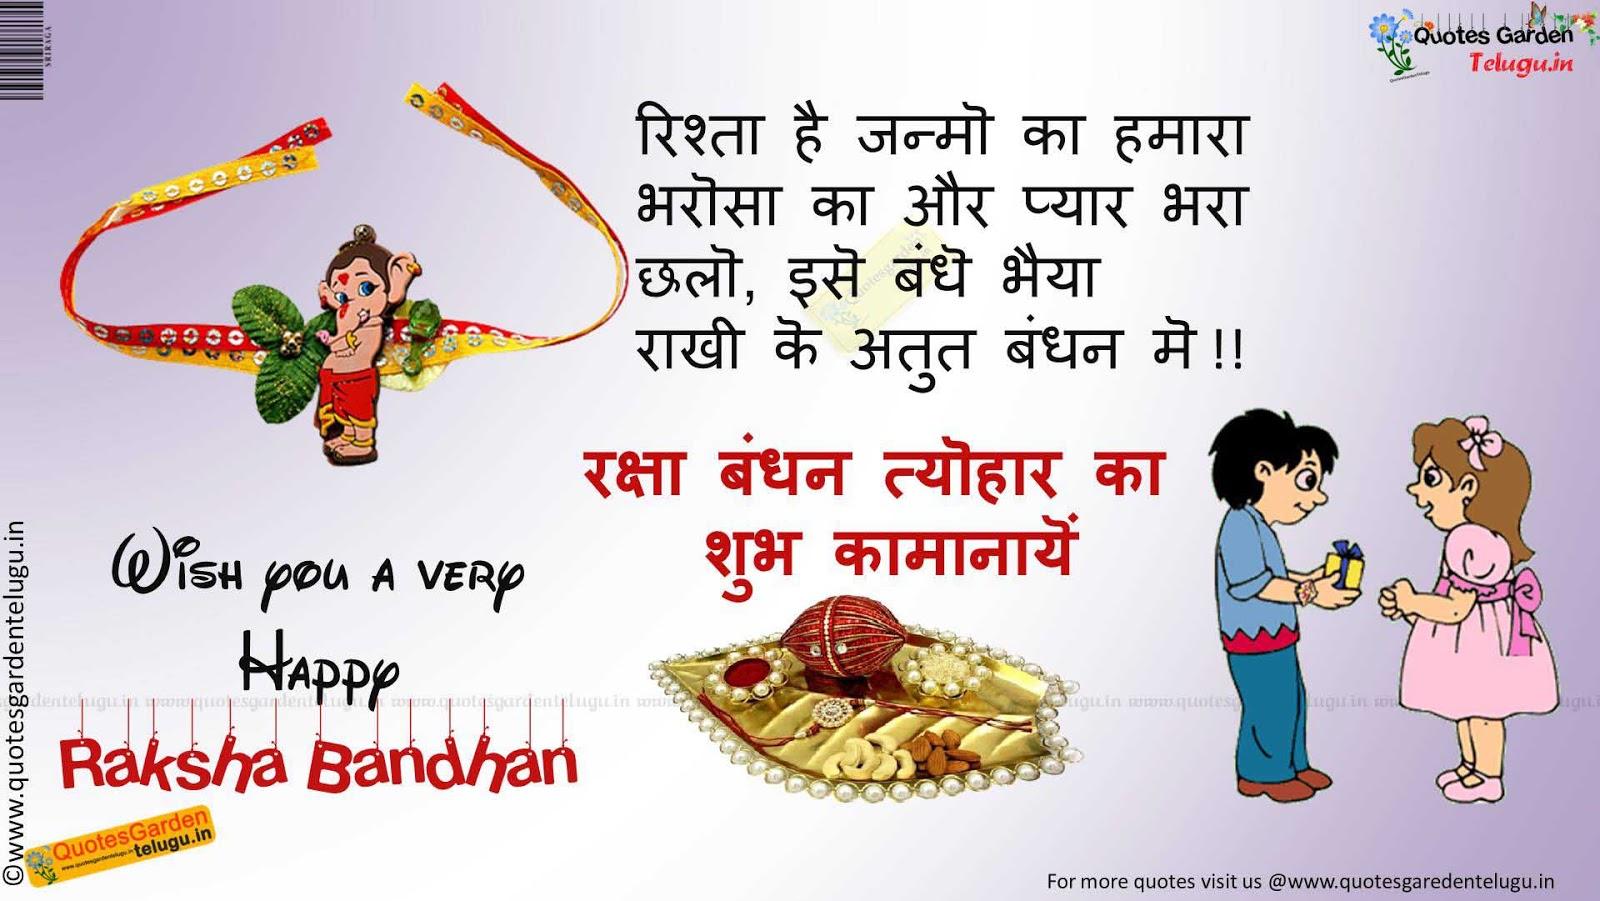 Happy Raksha Bandhan WhatsApp & Facebook Status in Hindi